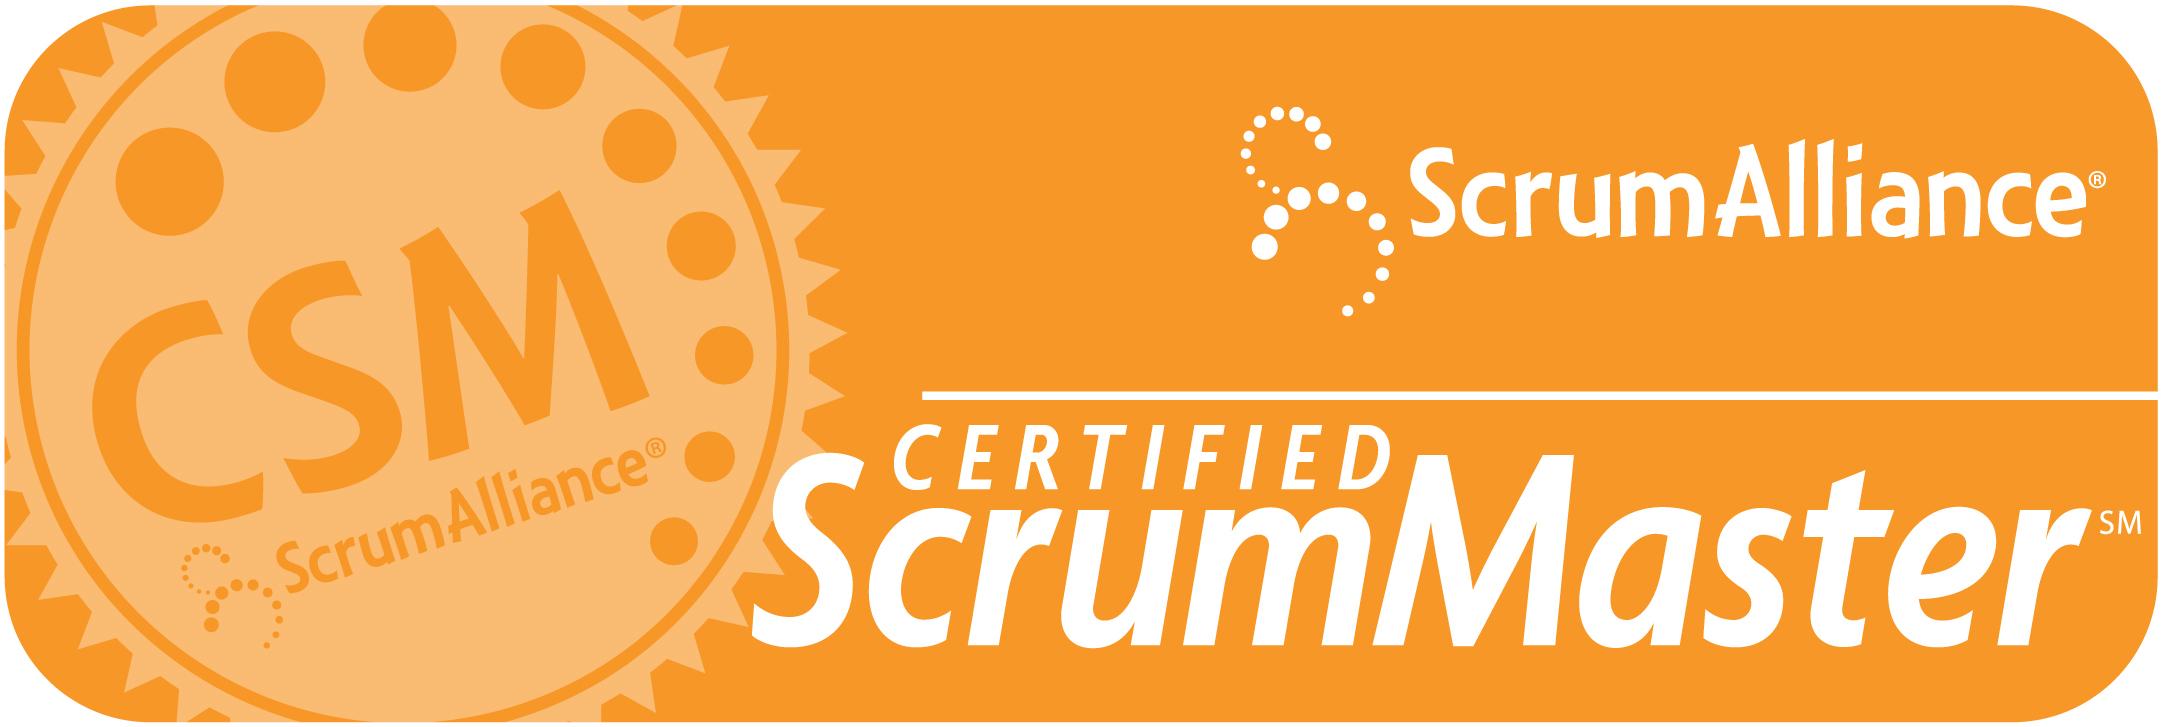 certified scrum master workshop  csm  tickets  thu  jun 20